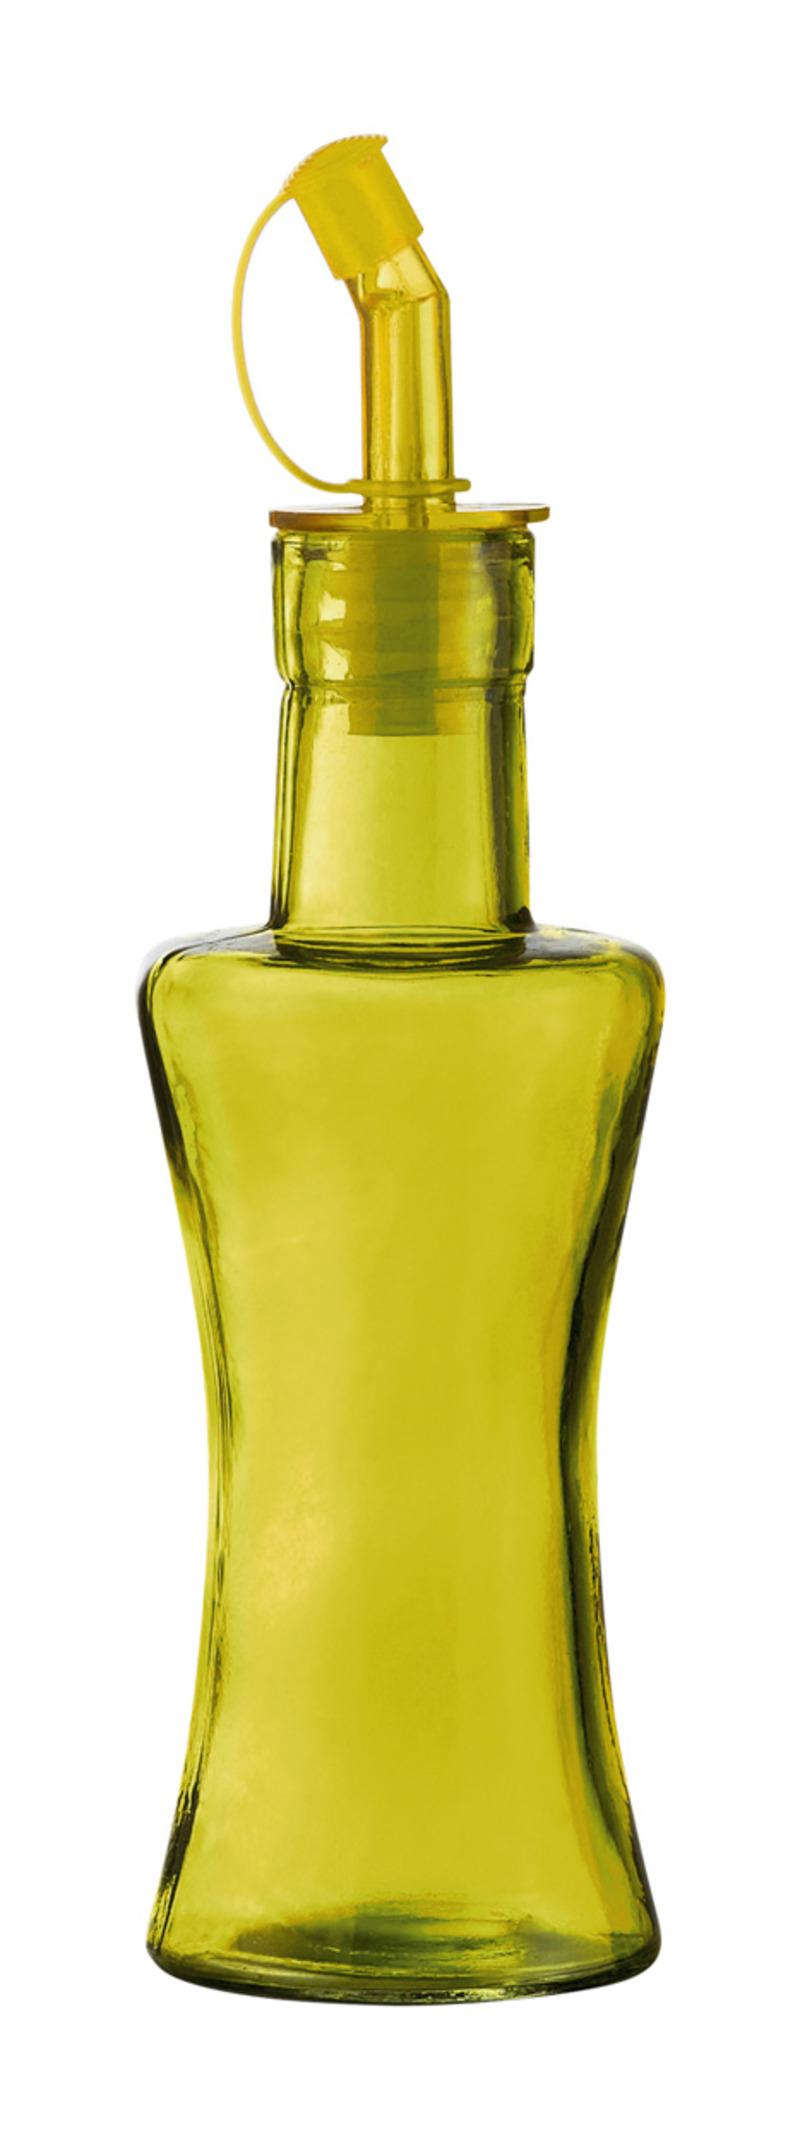 Karly oil bottle